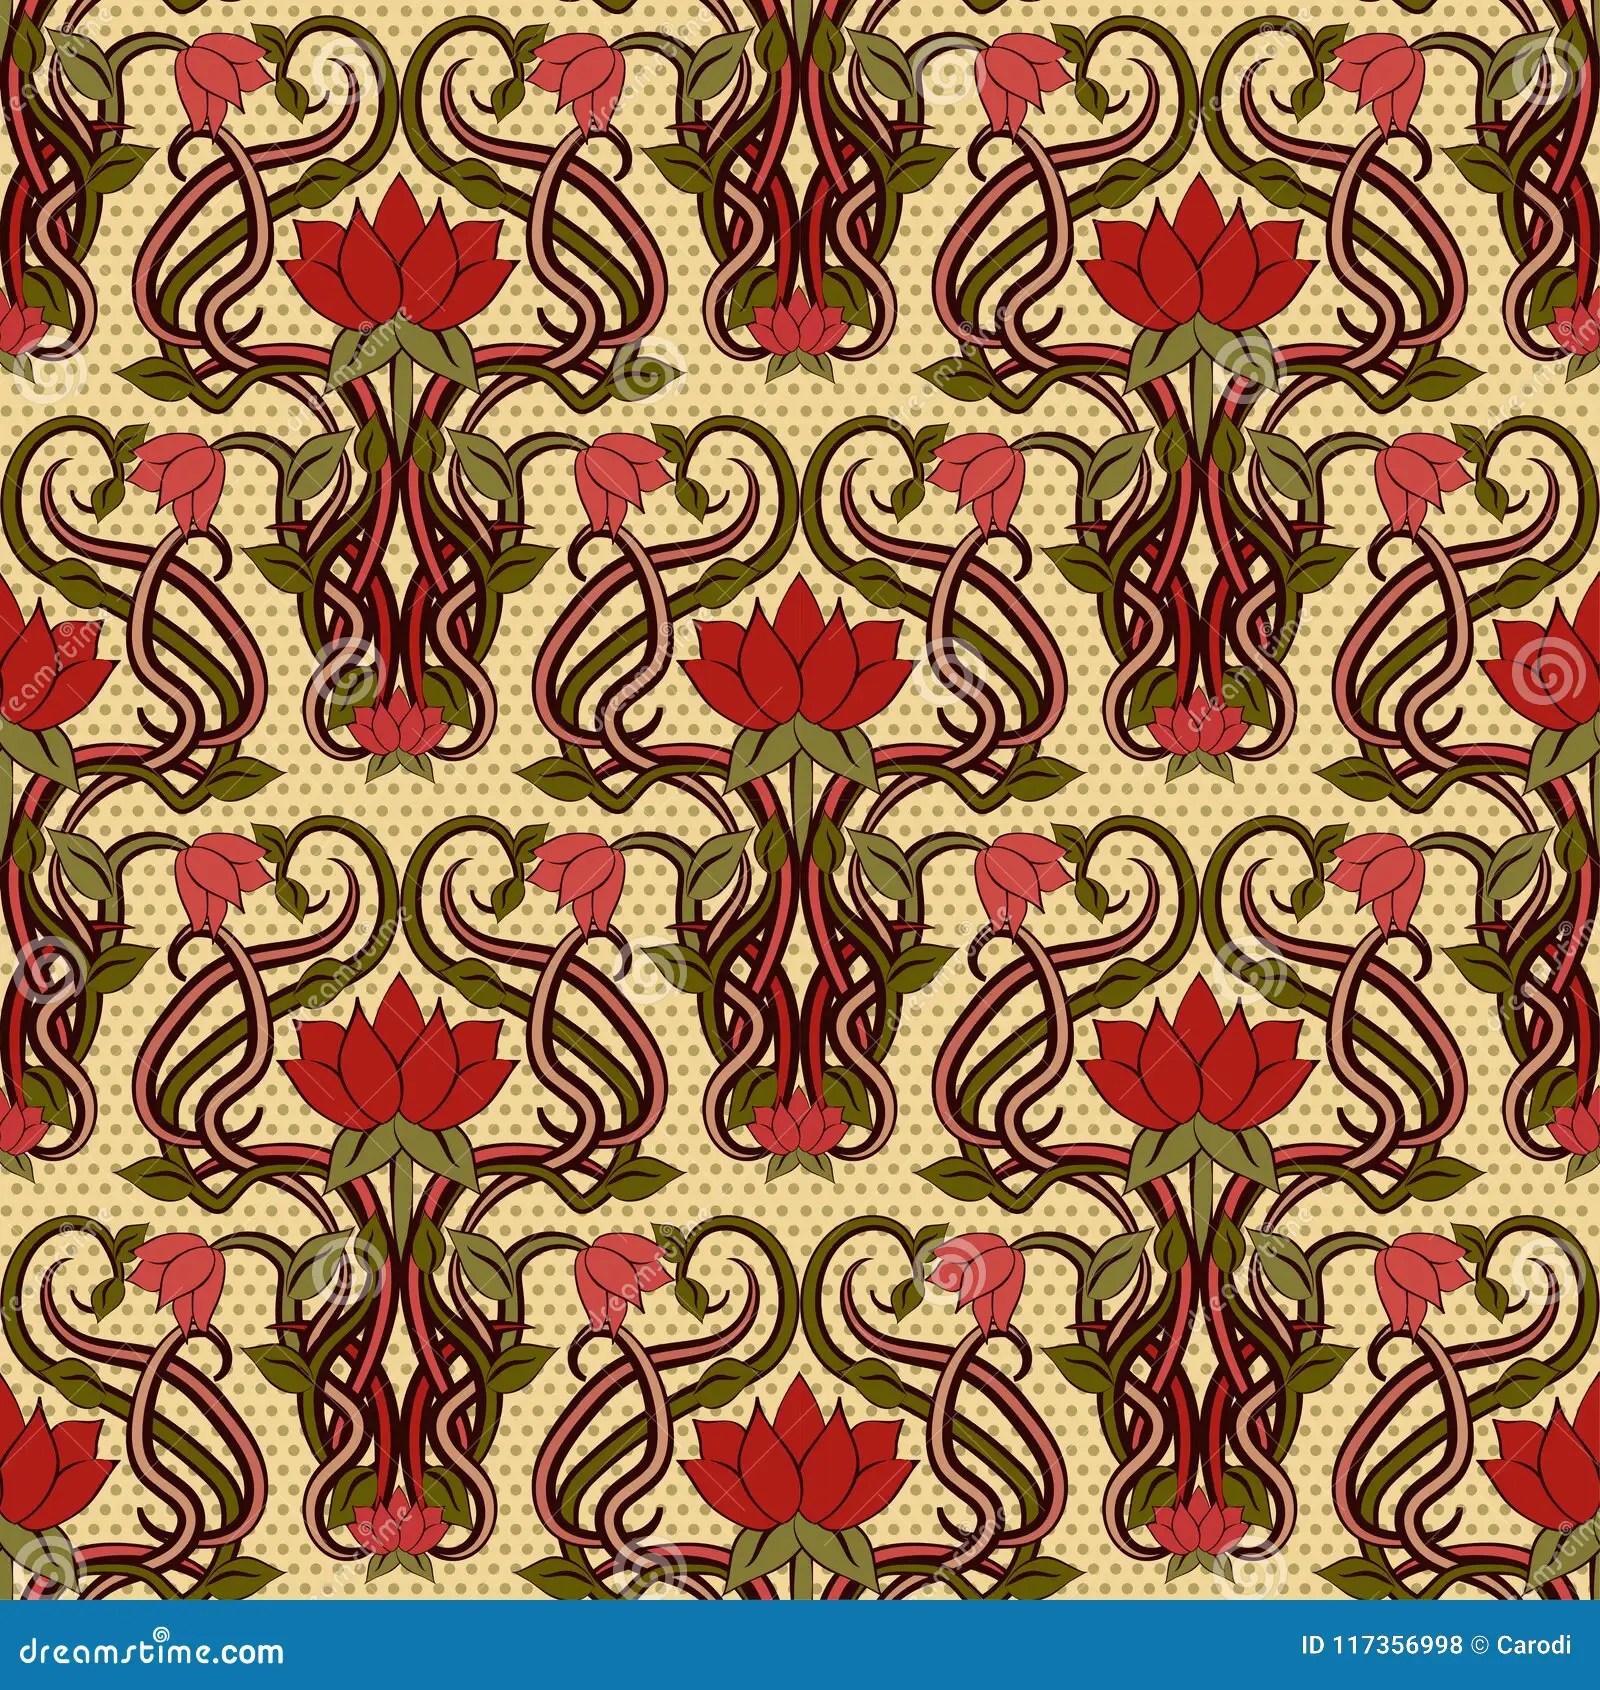 Visualizza altre idee su carta da parati, art deco,. Seamless Floral Wallpaper In Art Nouveau Style Stock Vector Illustration Of Holiday Modern 117356998